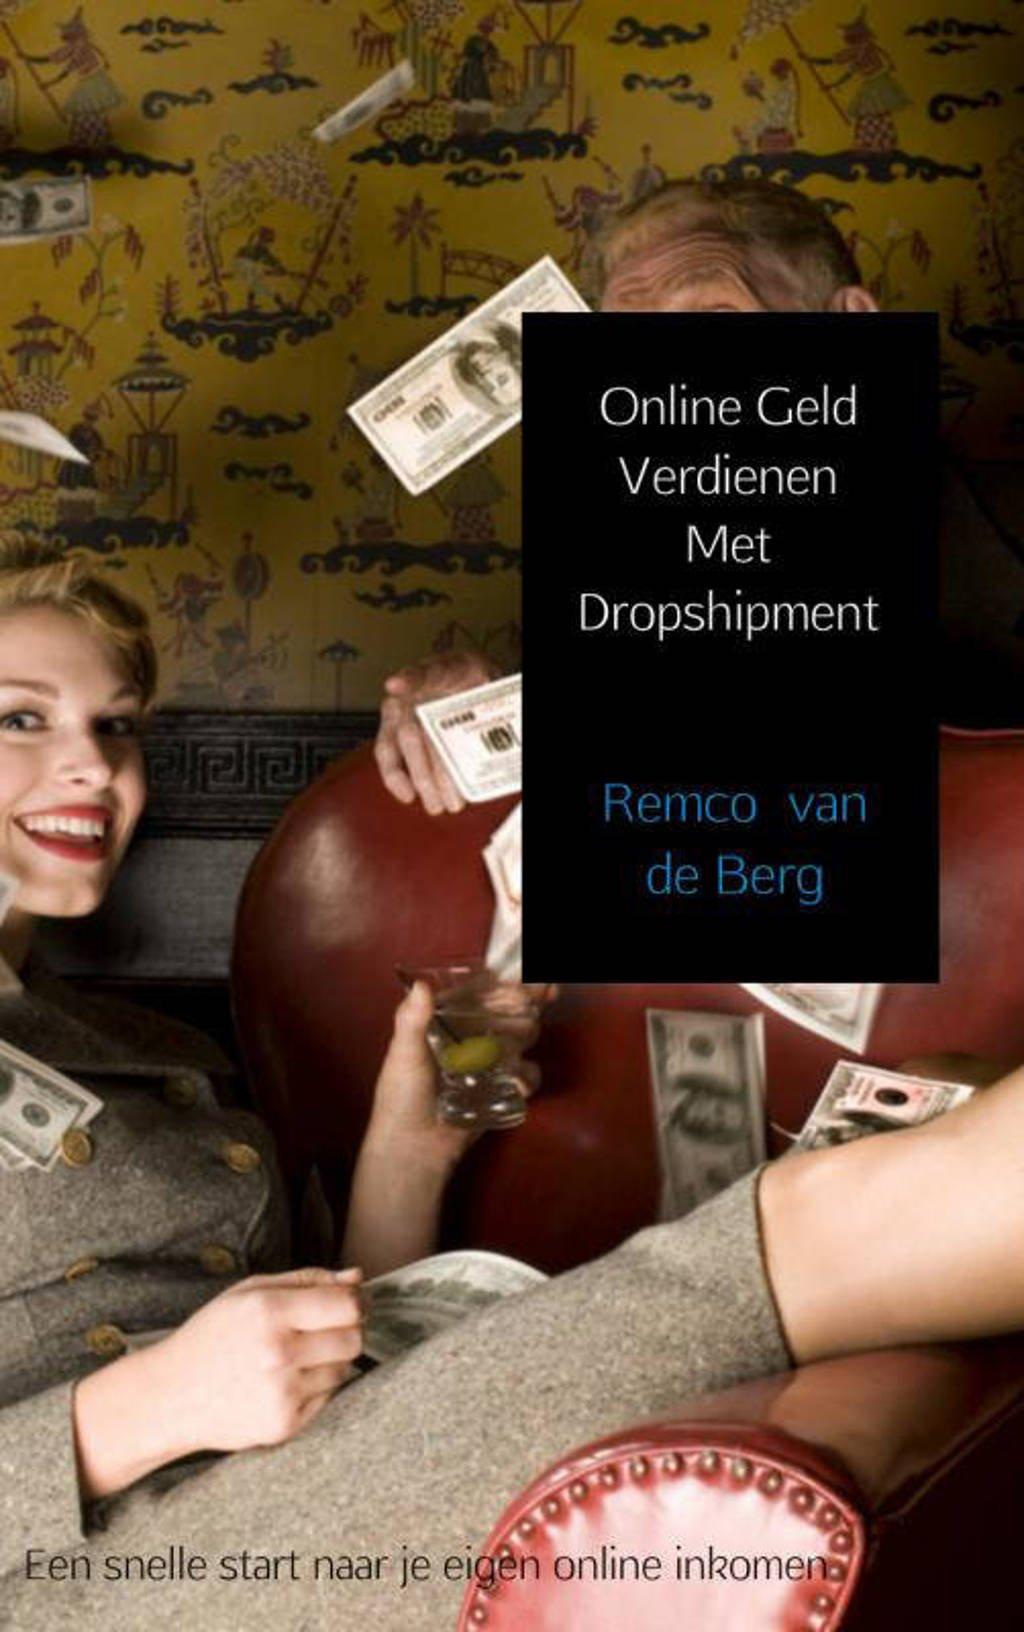 Online Geld Verdienen Met Dropshipment - Remco van de Berg